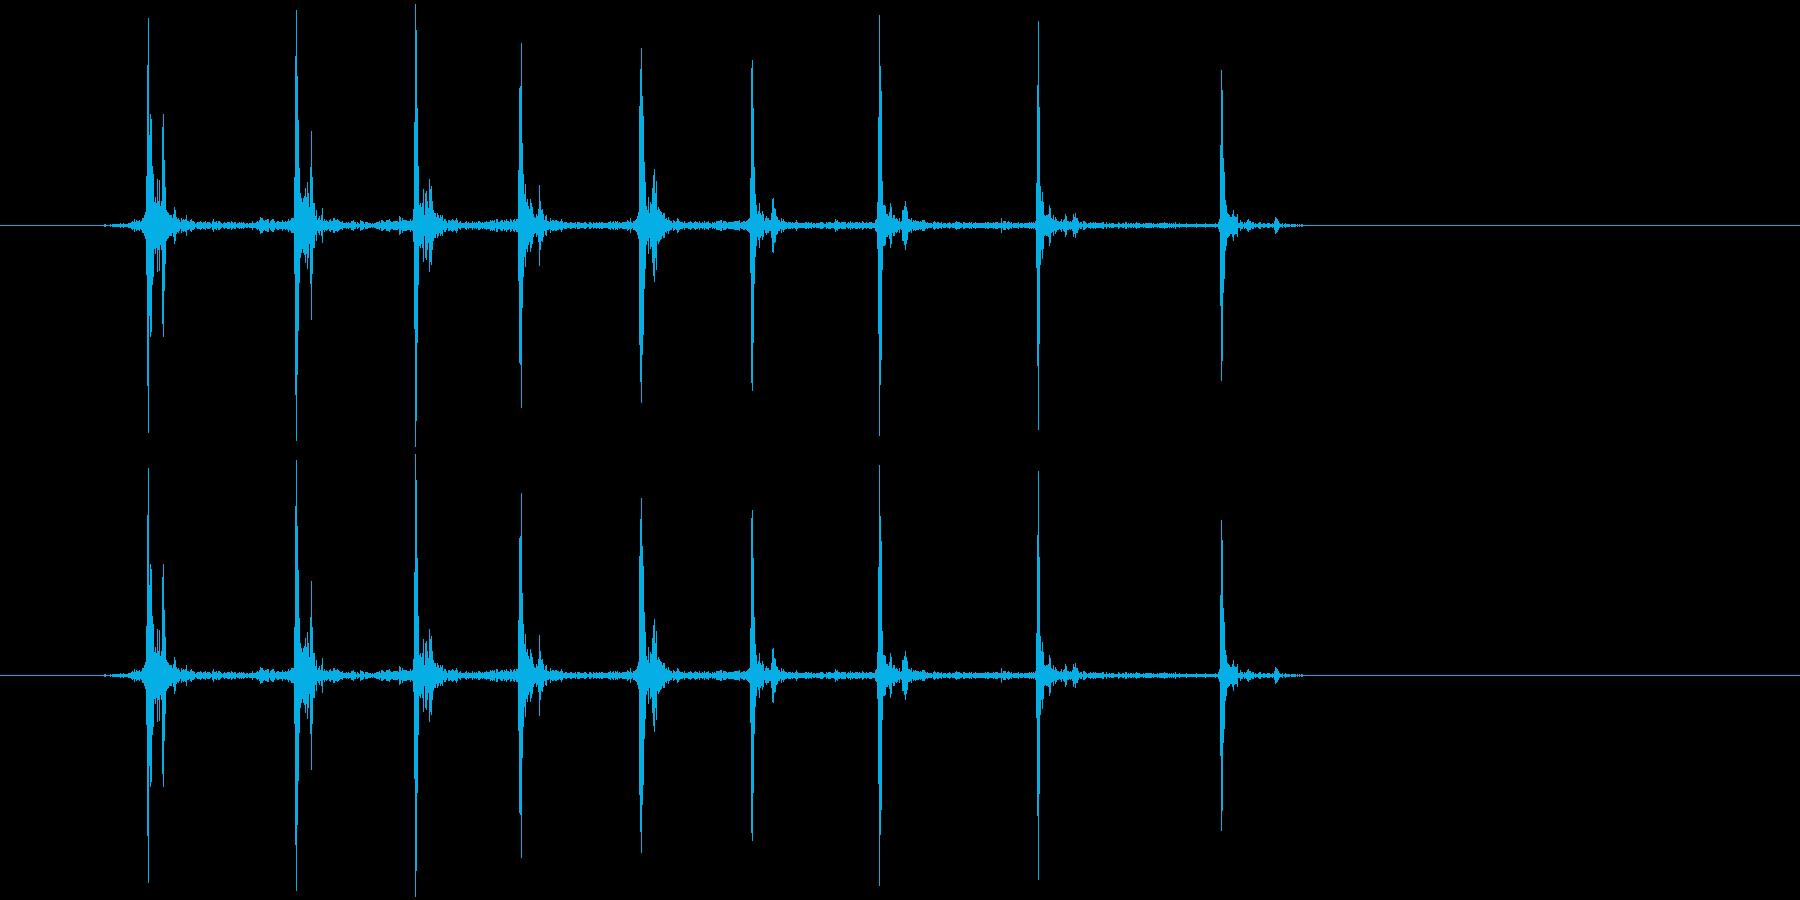 カッター(刃を出す音)の再生済みの波形